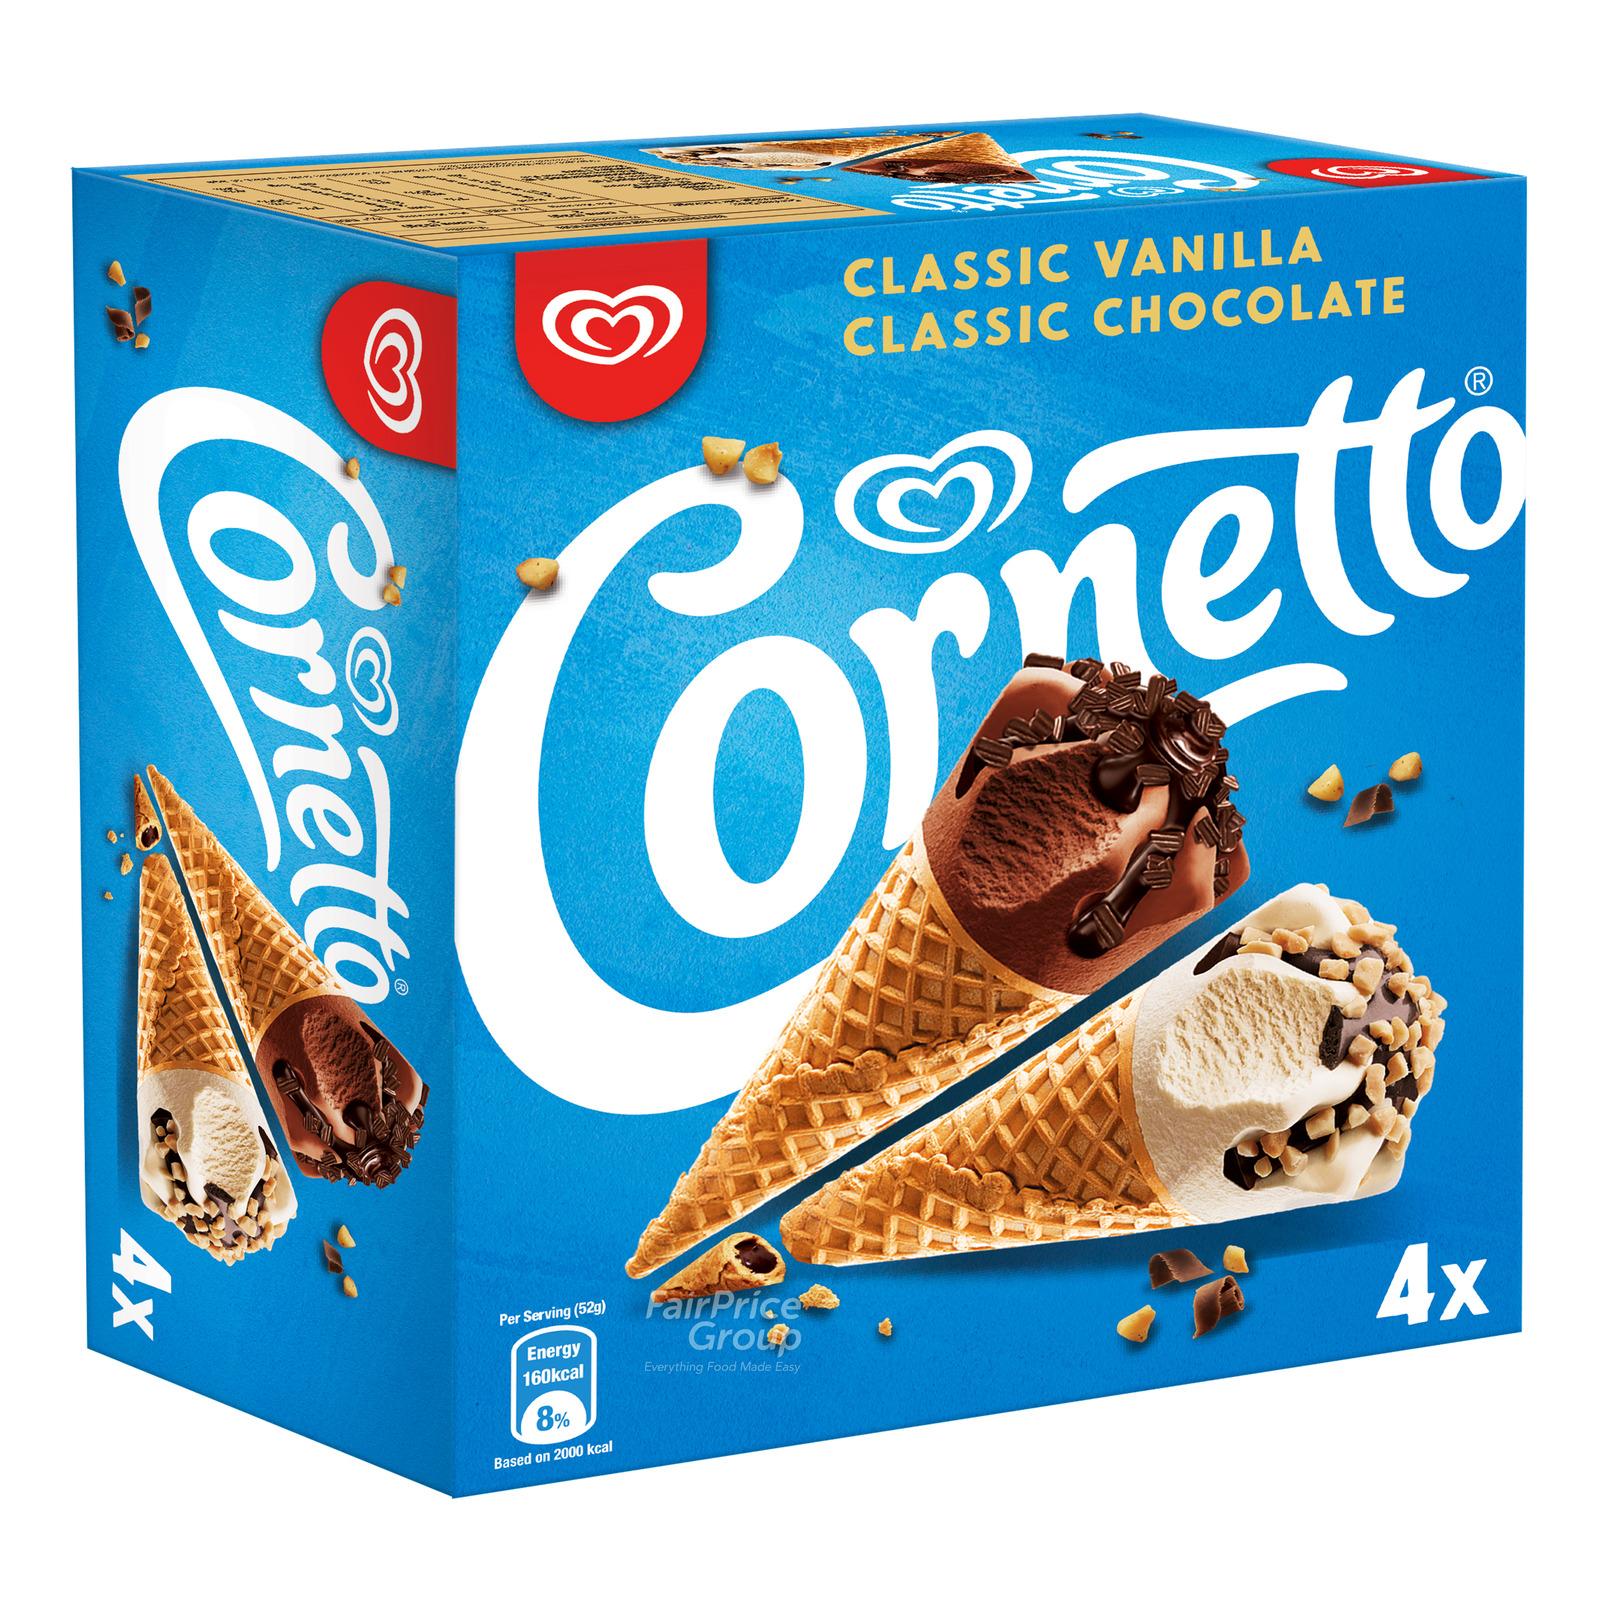 Cornetto Ice Cream Cone - Classic (Vanilla & Chocolate)